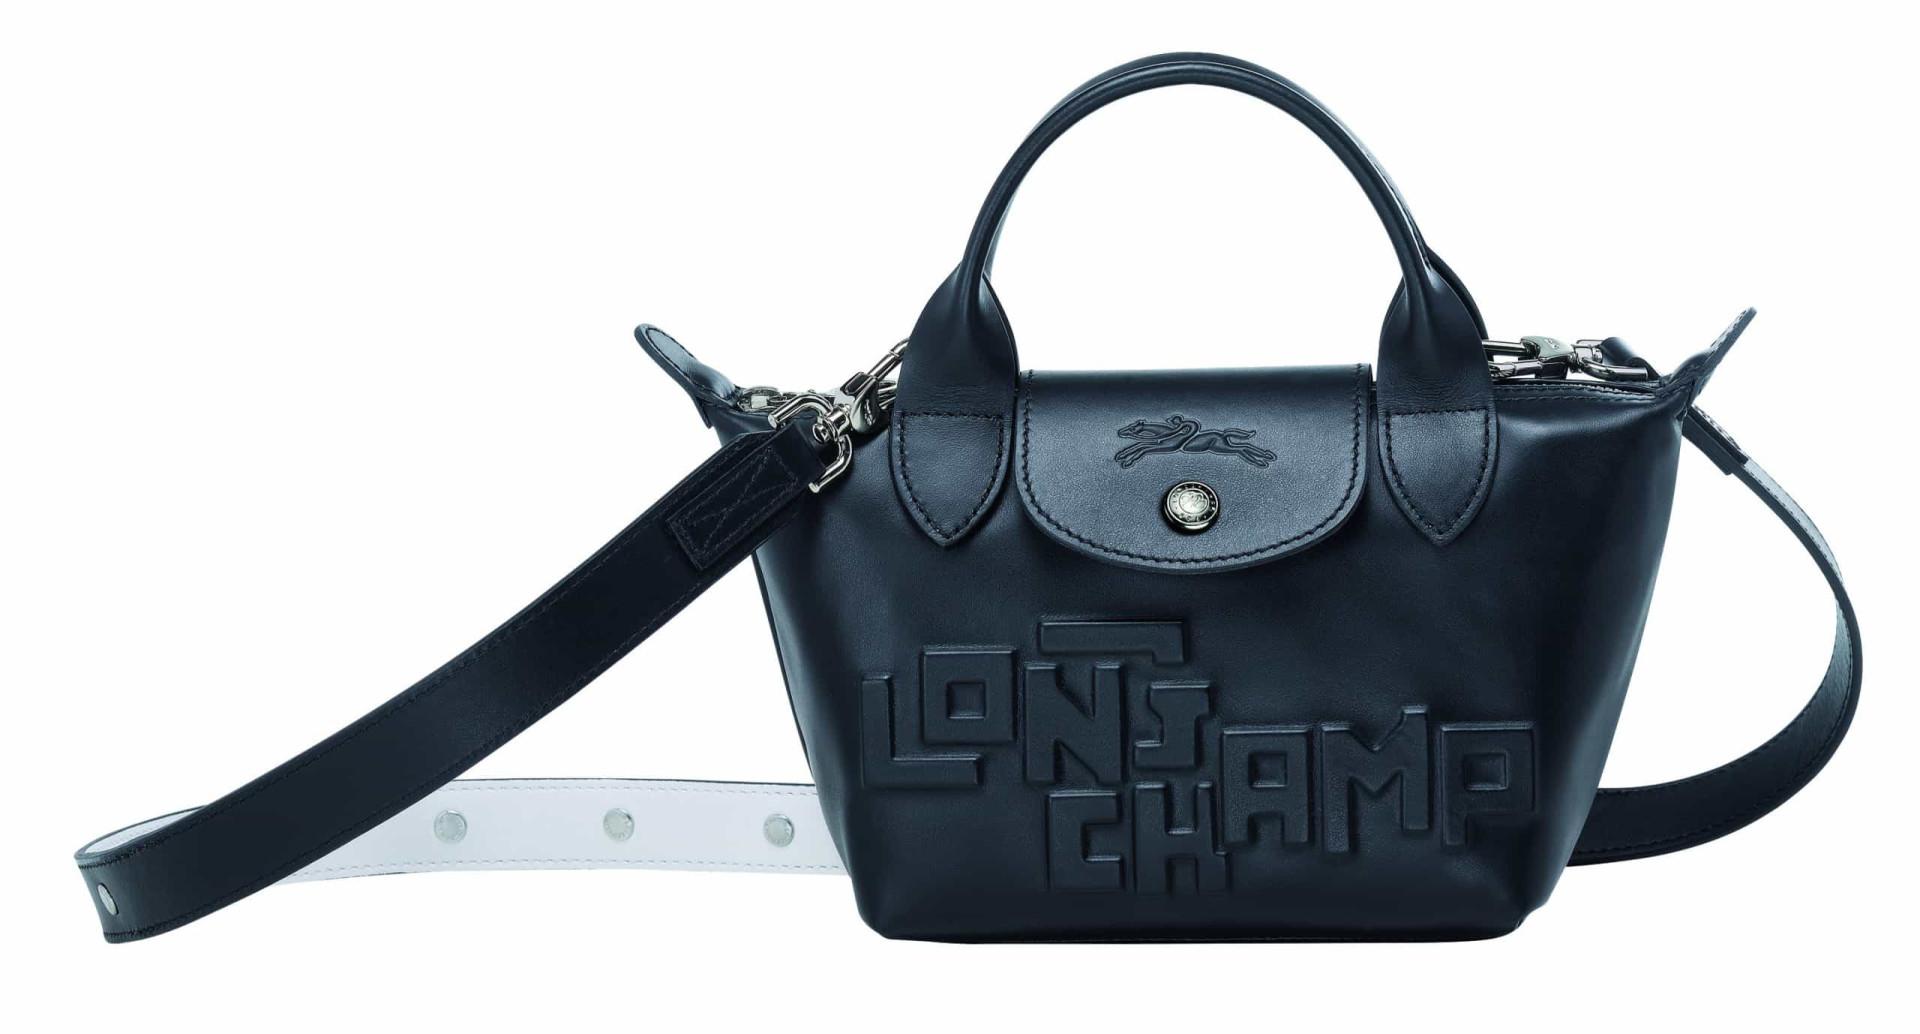 Longchamp: Inspire-se nos looks 'effortless chic' de Kendall Jenner